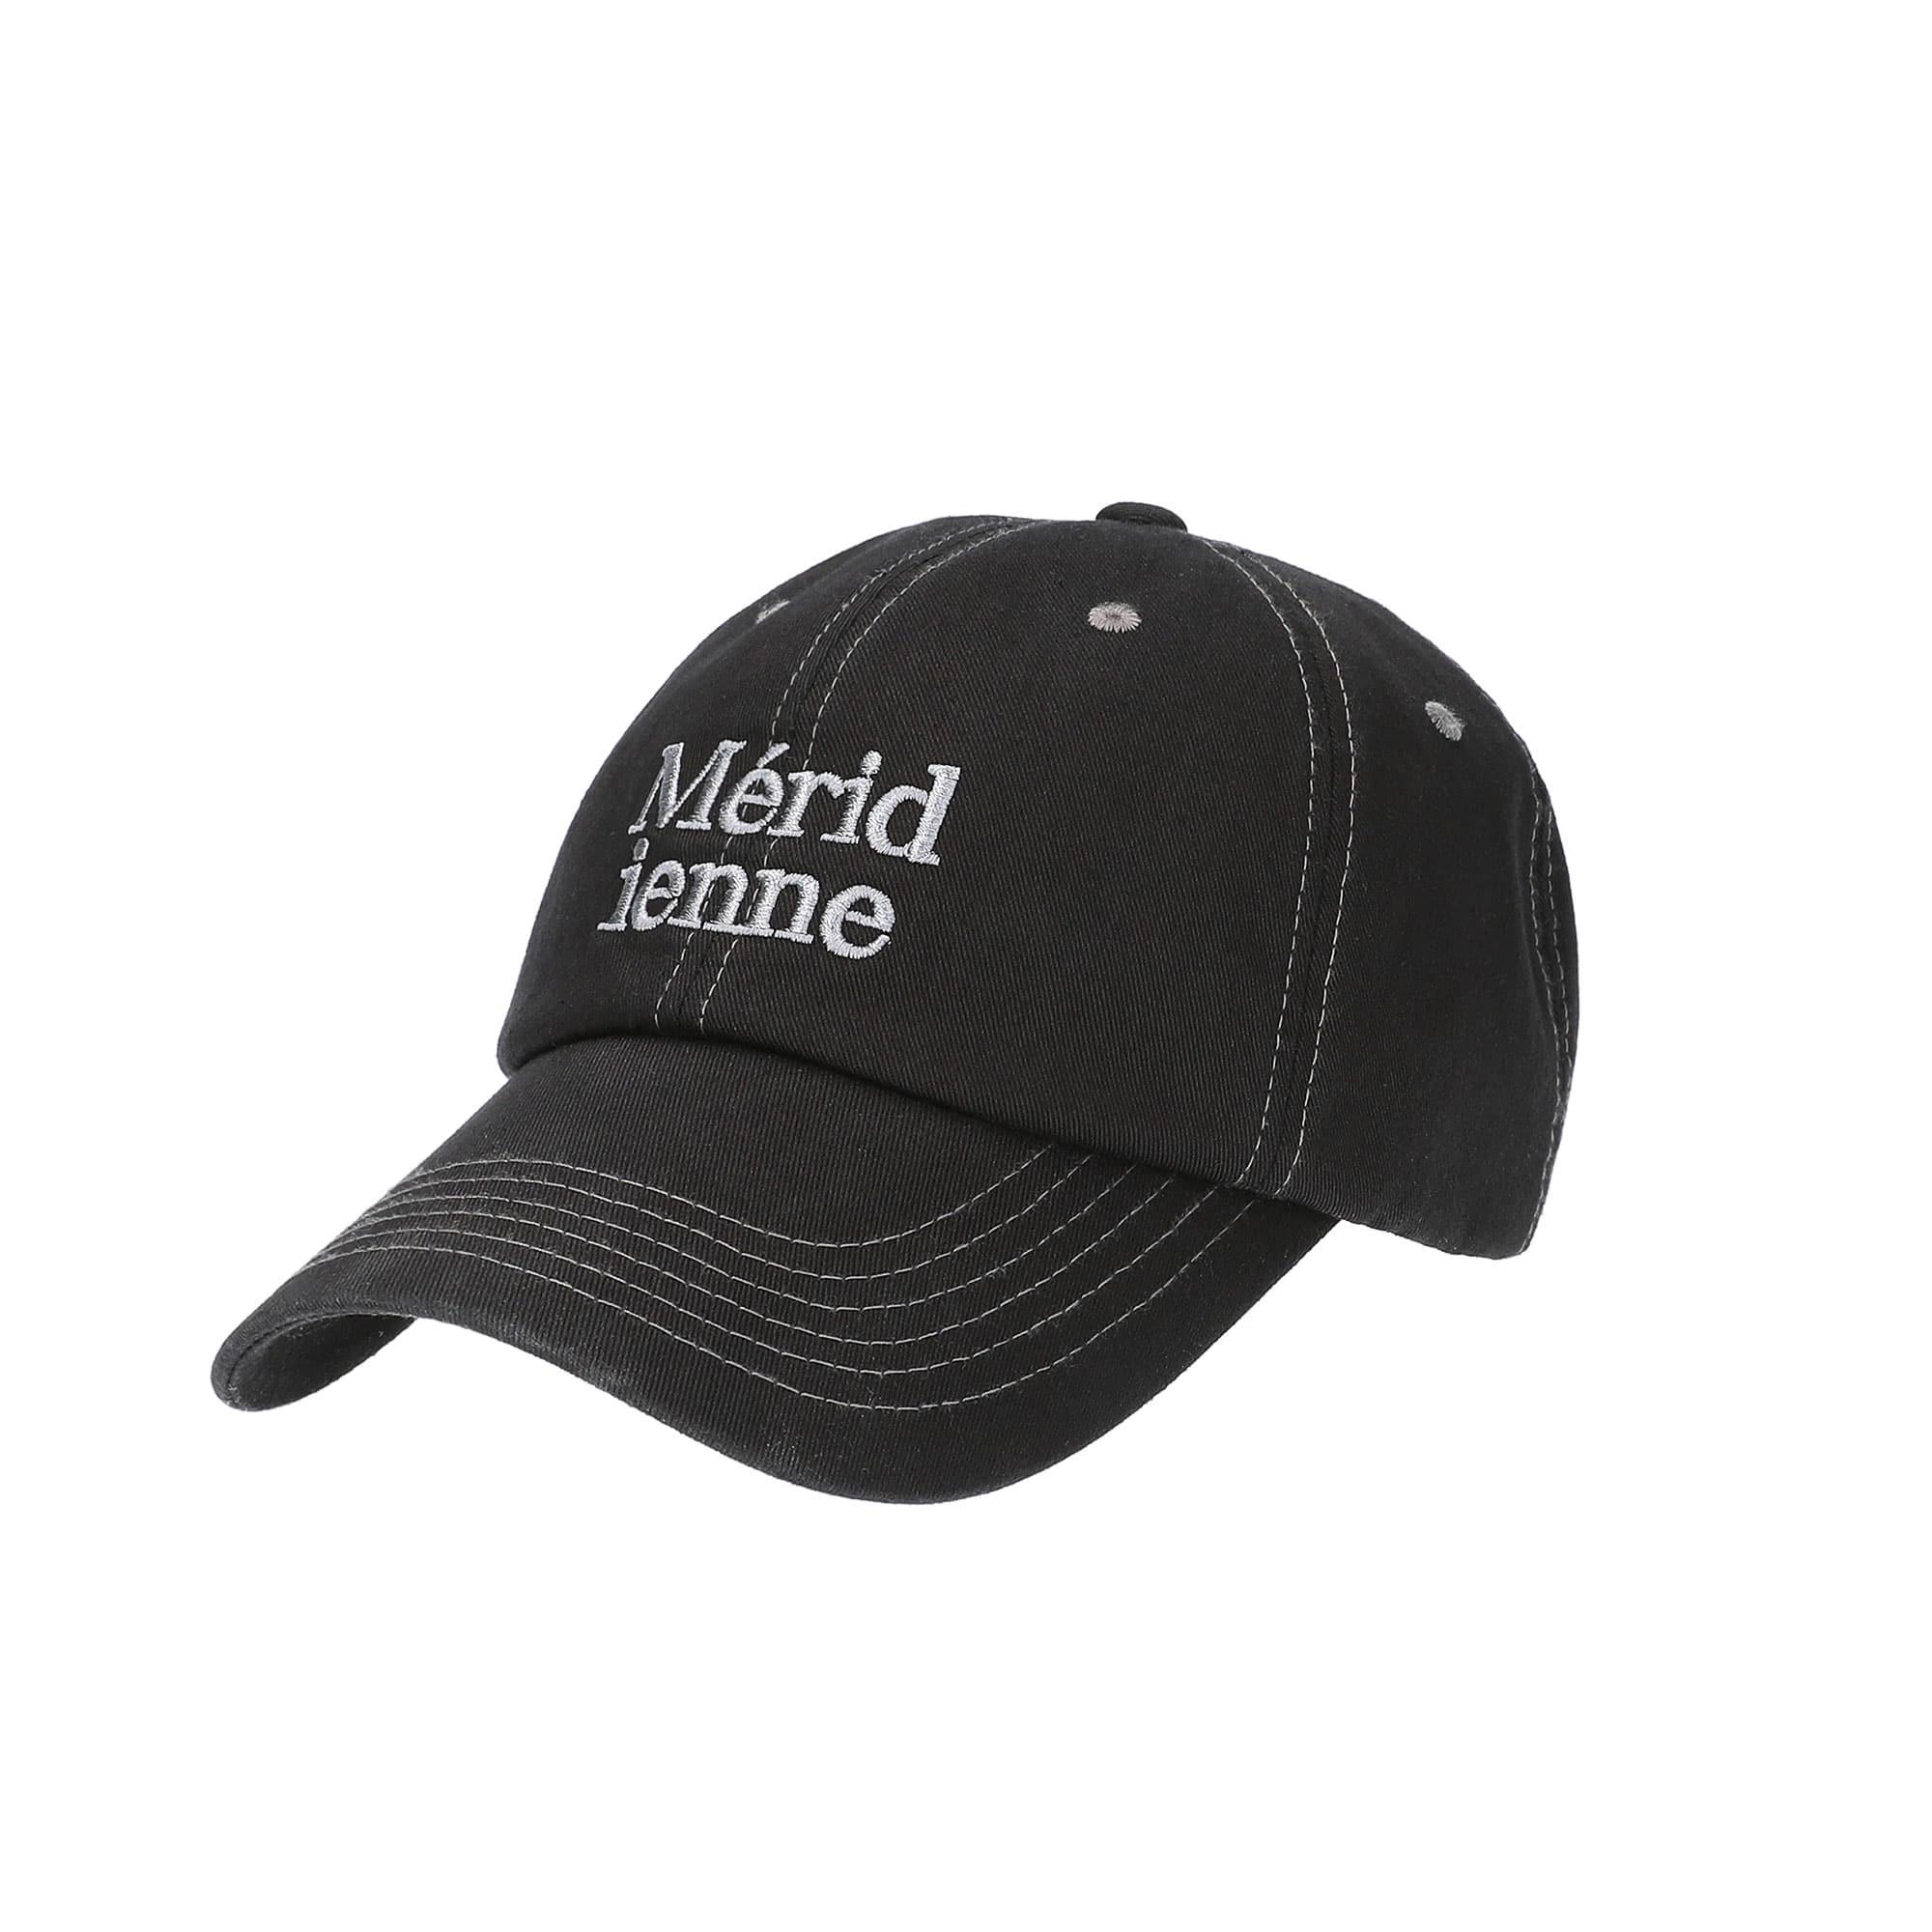 meridienne ball cap / black